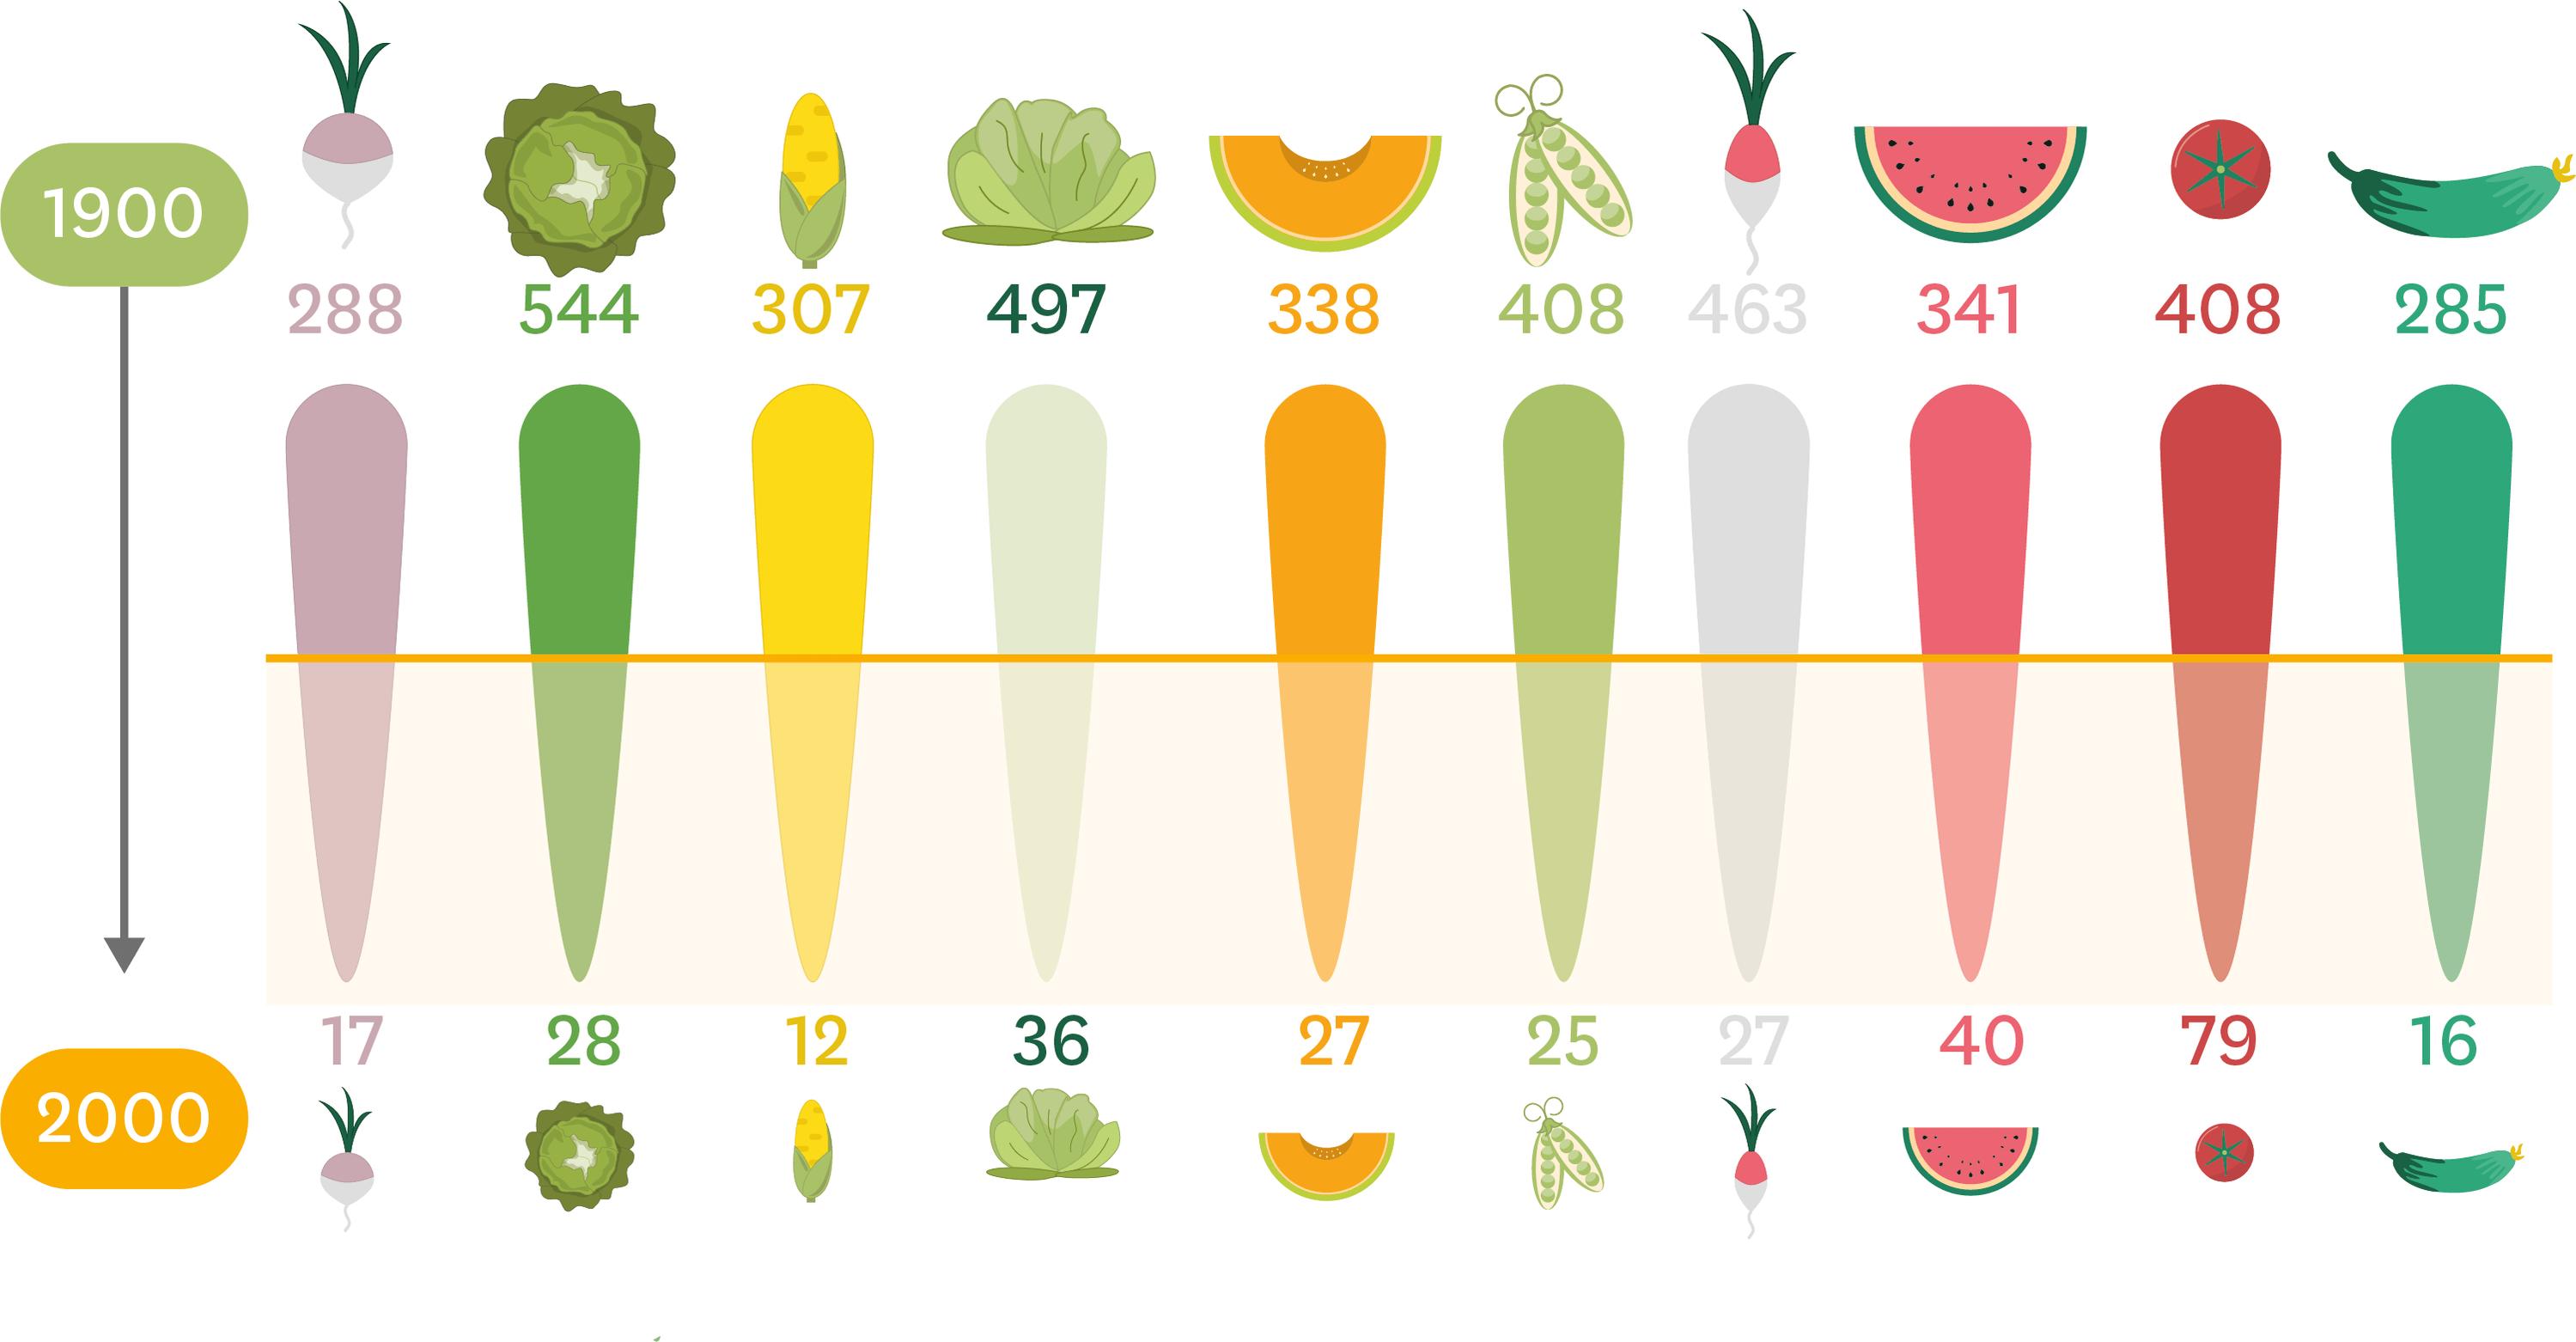 Le nombre de variétés de fruits et légumes en 1900 et 2000.